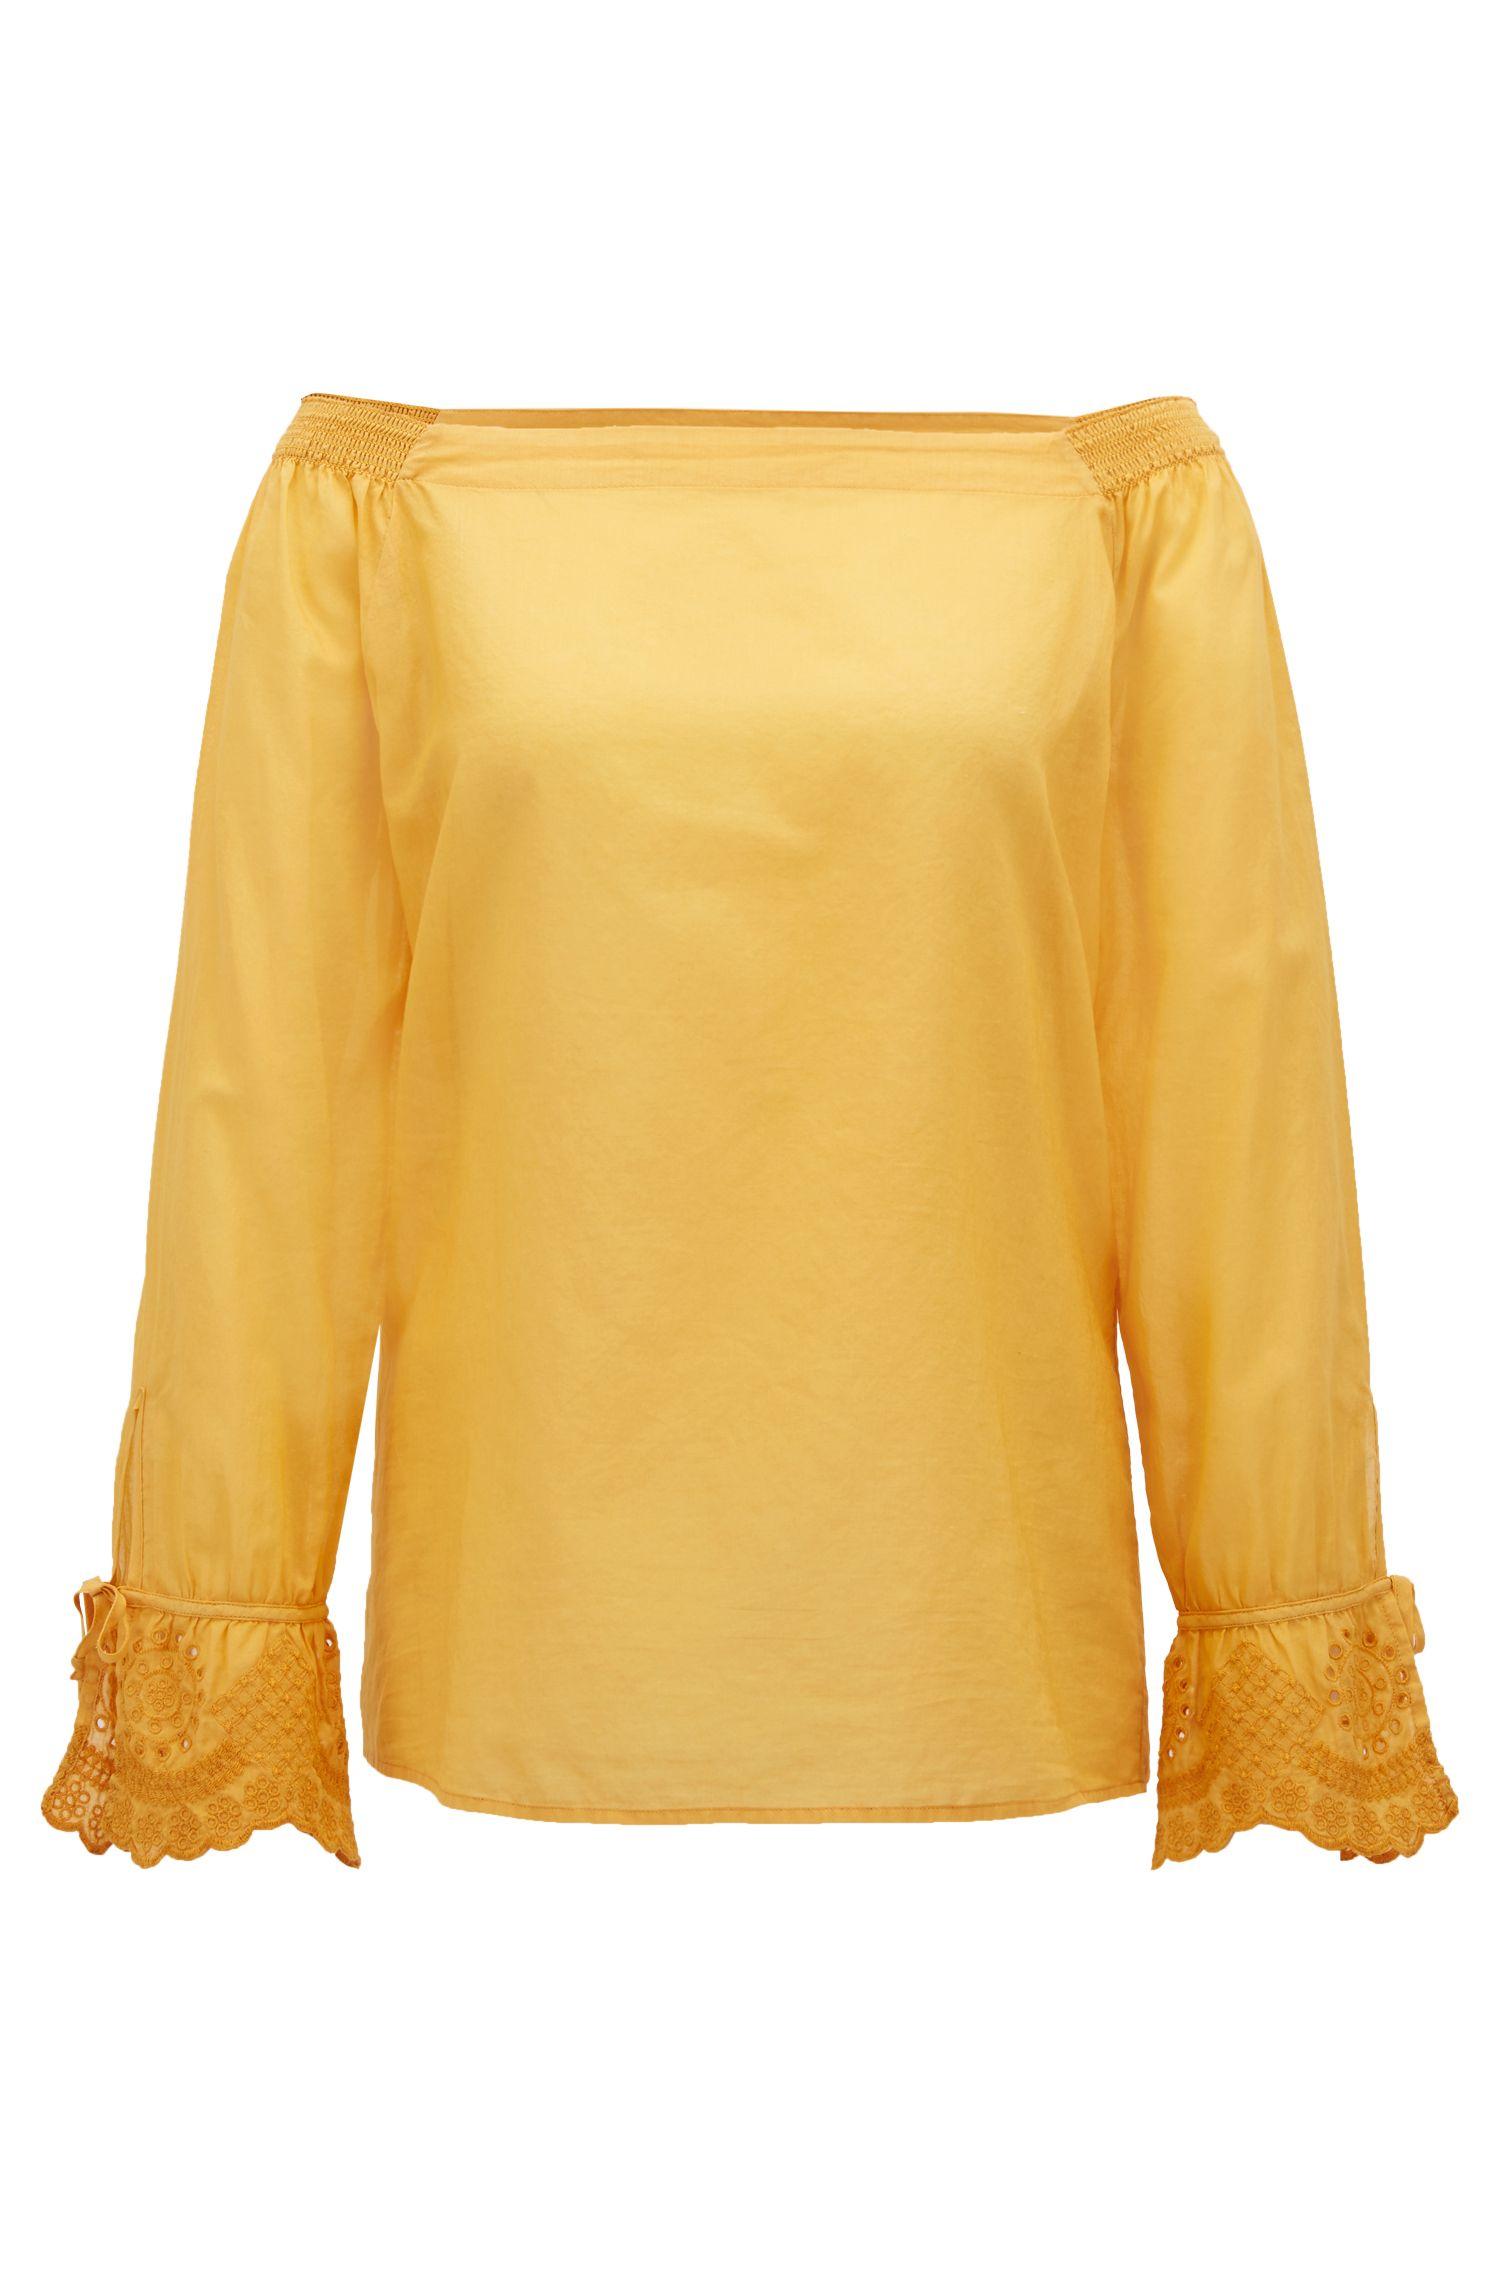 Schulterfreie Bluse aus Baumwolle mit bestickten Ärmelbündchen